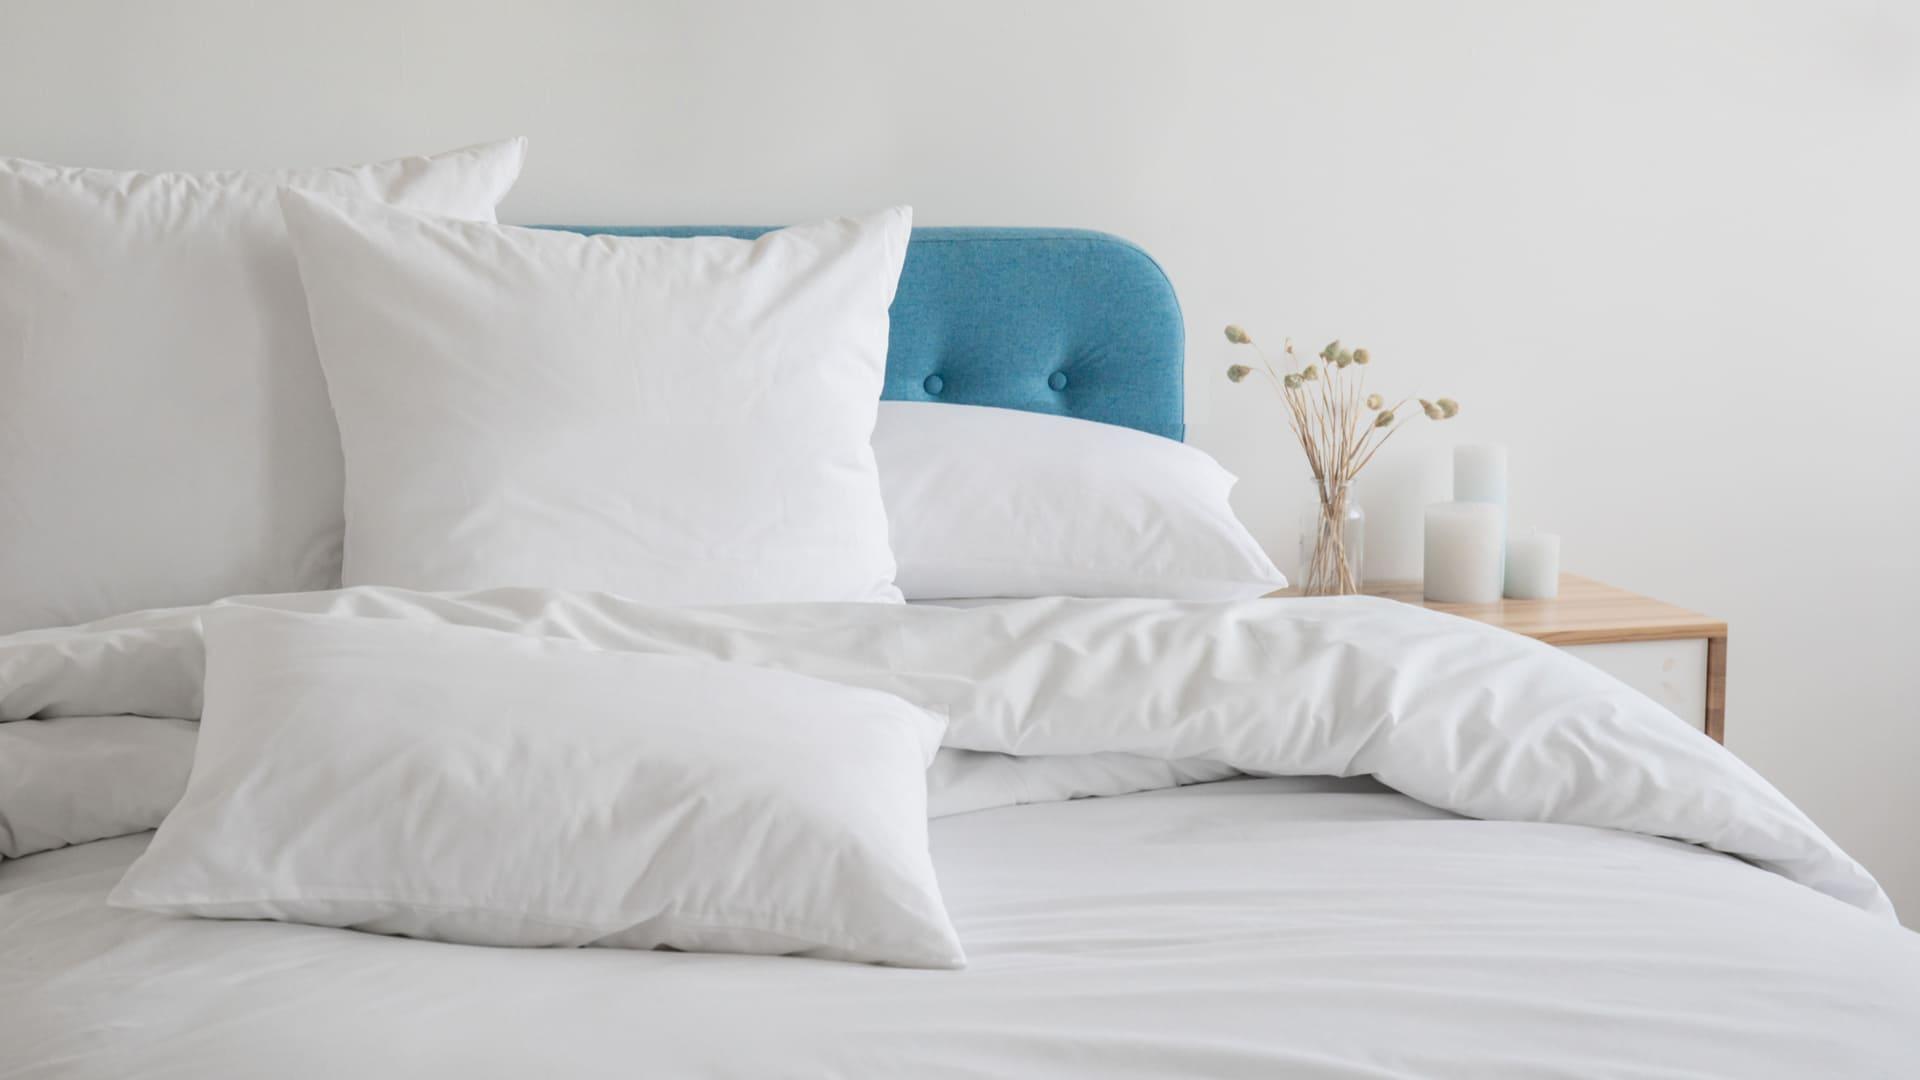 Existem diferentes materiais de travesseiro. Para mais conforto, vale testar qual te agrada mais. (Imagem: Reprodução/Shutterstock)